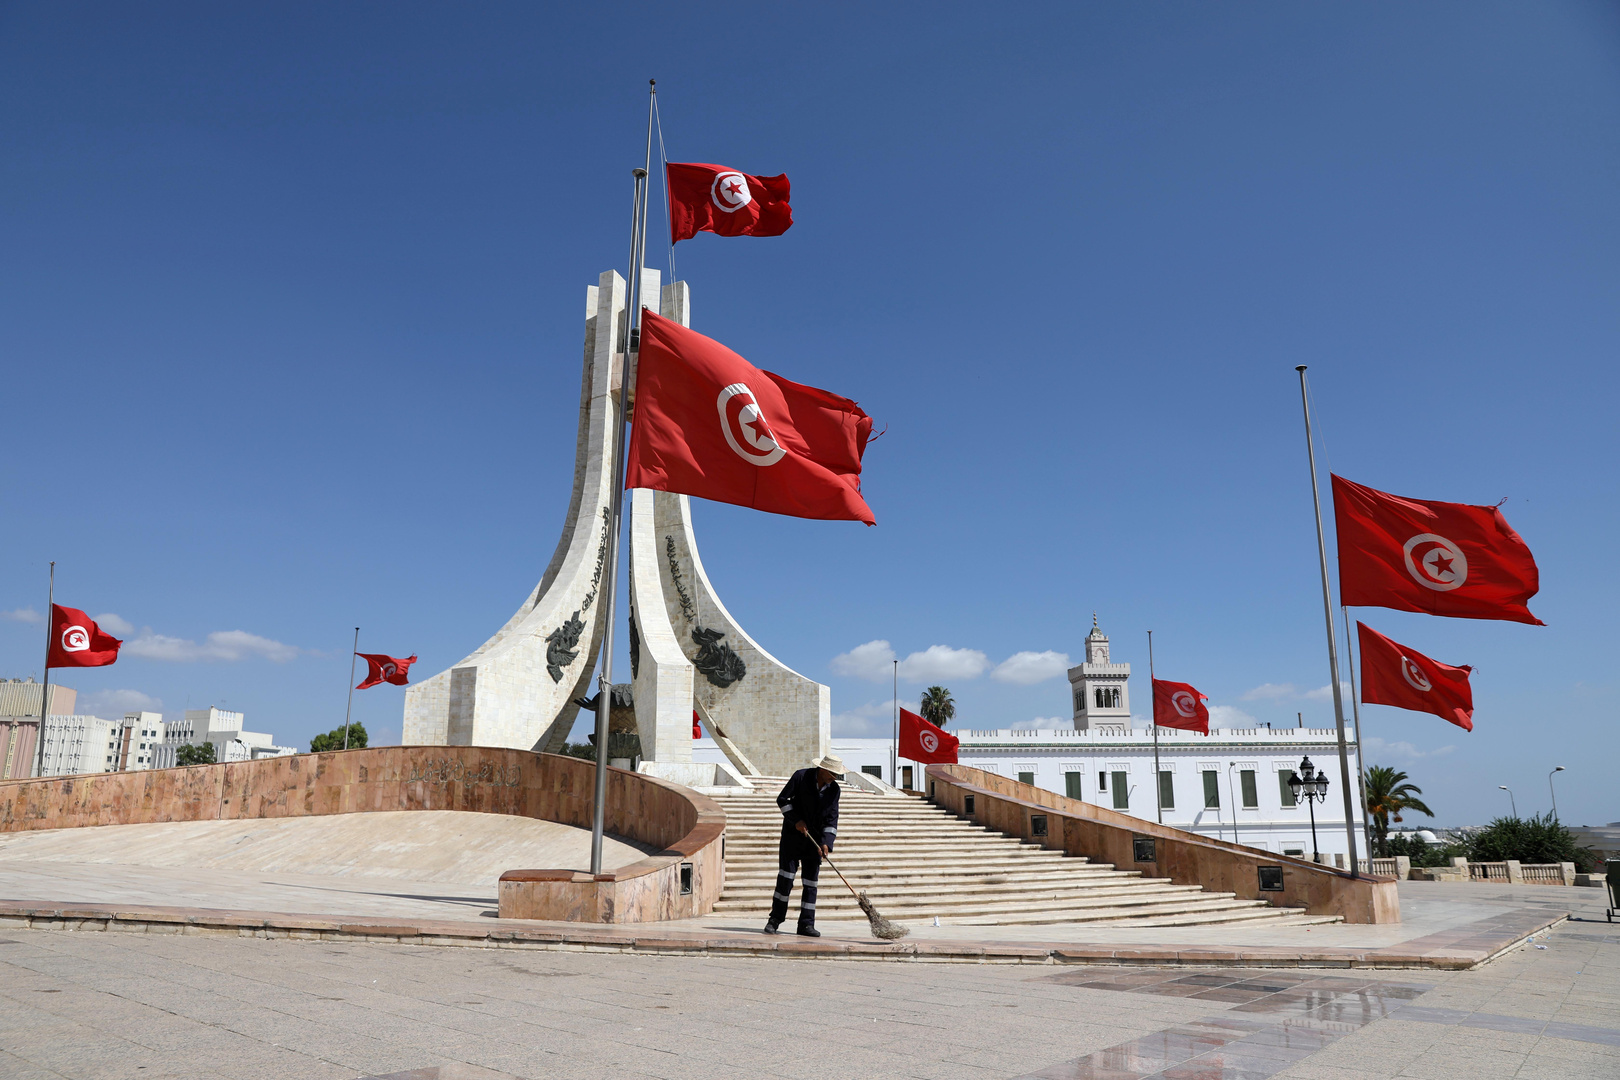 الرئيس التونسي في افتتاح منتدى الحوار الليبي: الحل لا يمكن أن يكون إلا ليبيا خالصا